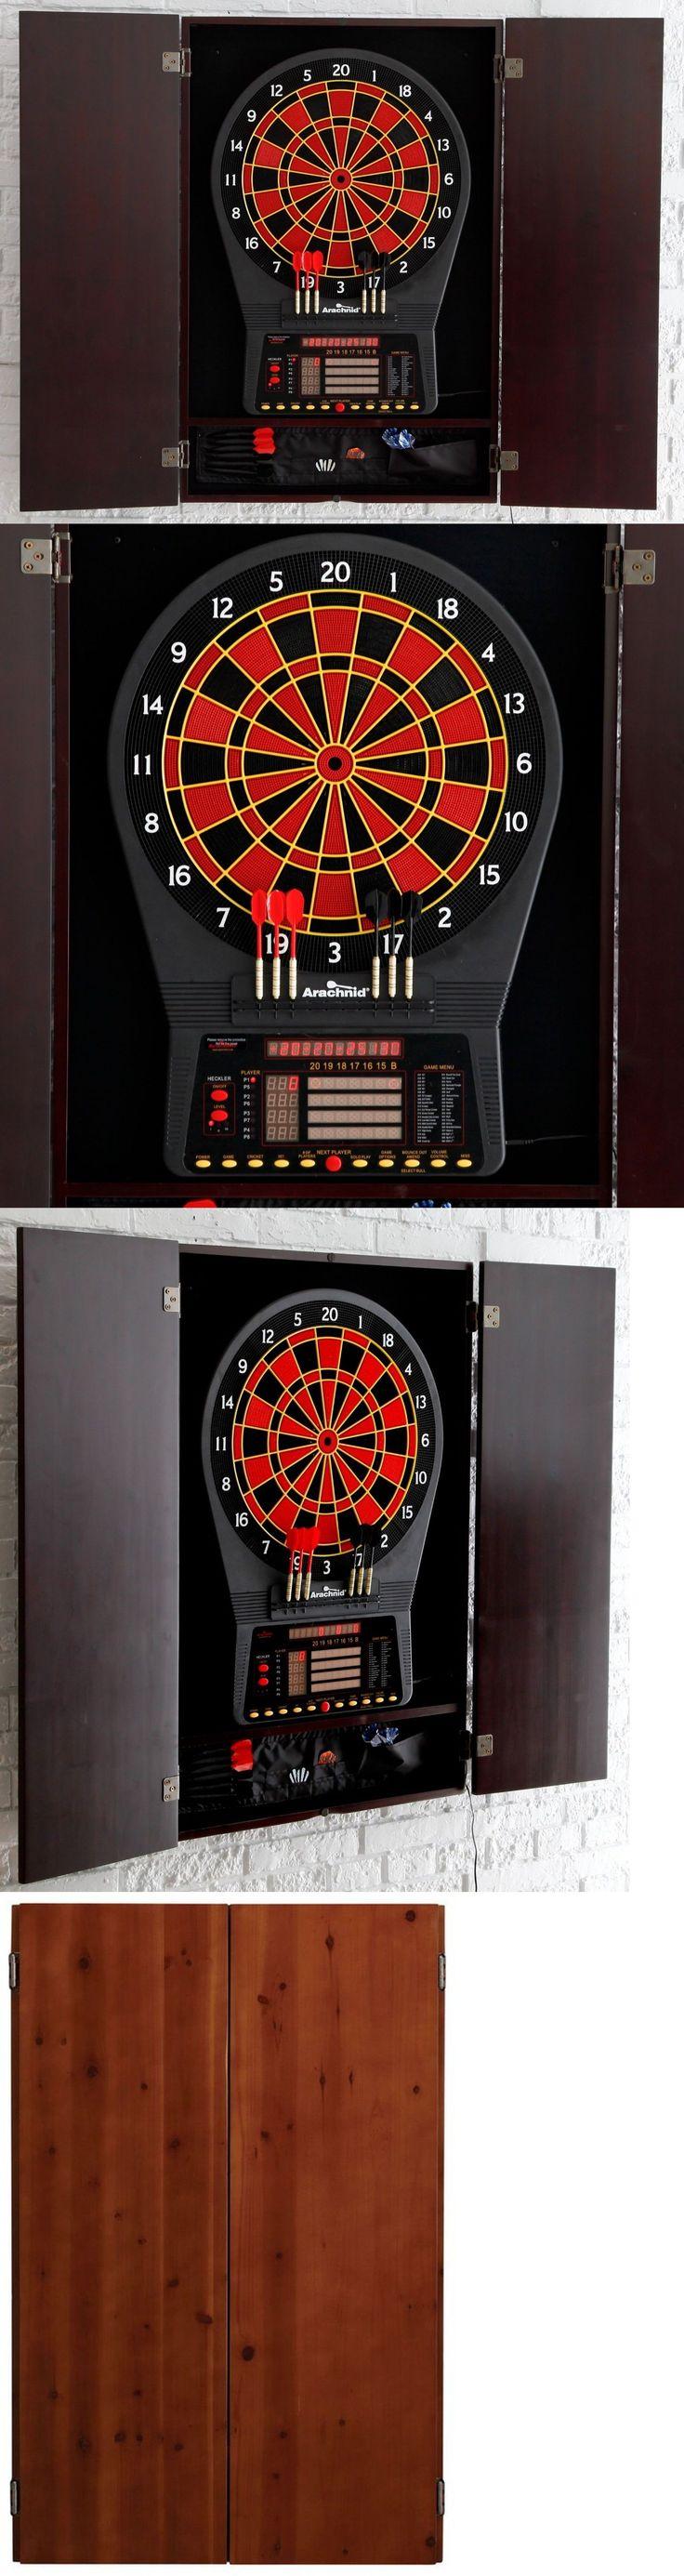 Dart Boards 72576: Electronic Dartboard Arachnid Cabinet Set Wall Protector, Darts, Scoreboard Wood -> BUY IT NOW ONLY: $297.95 on eBay!